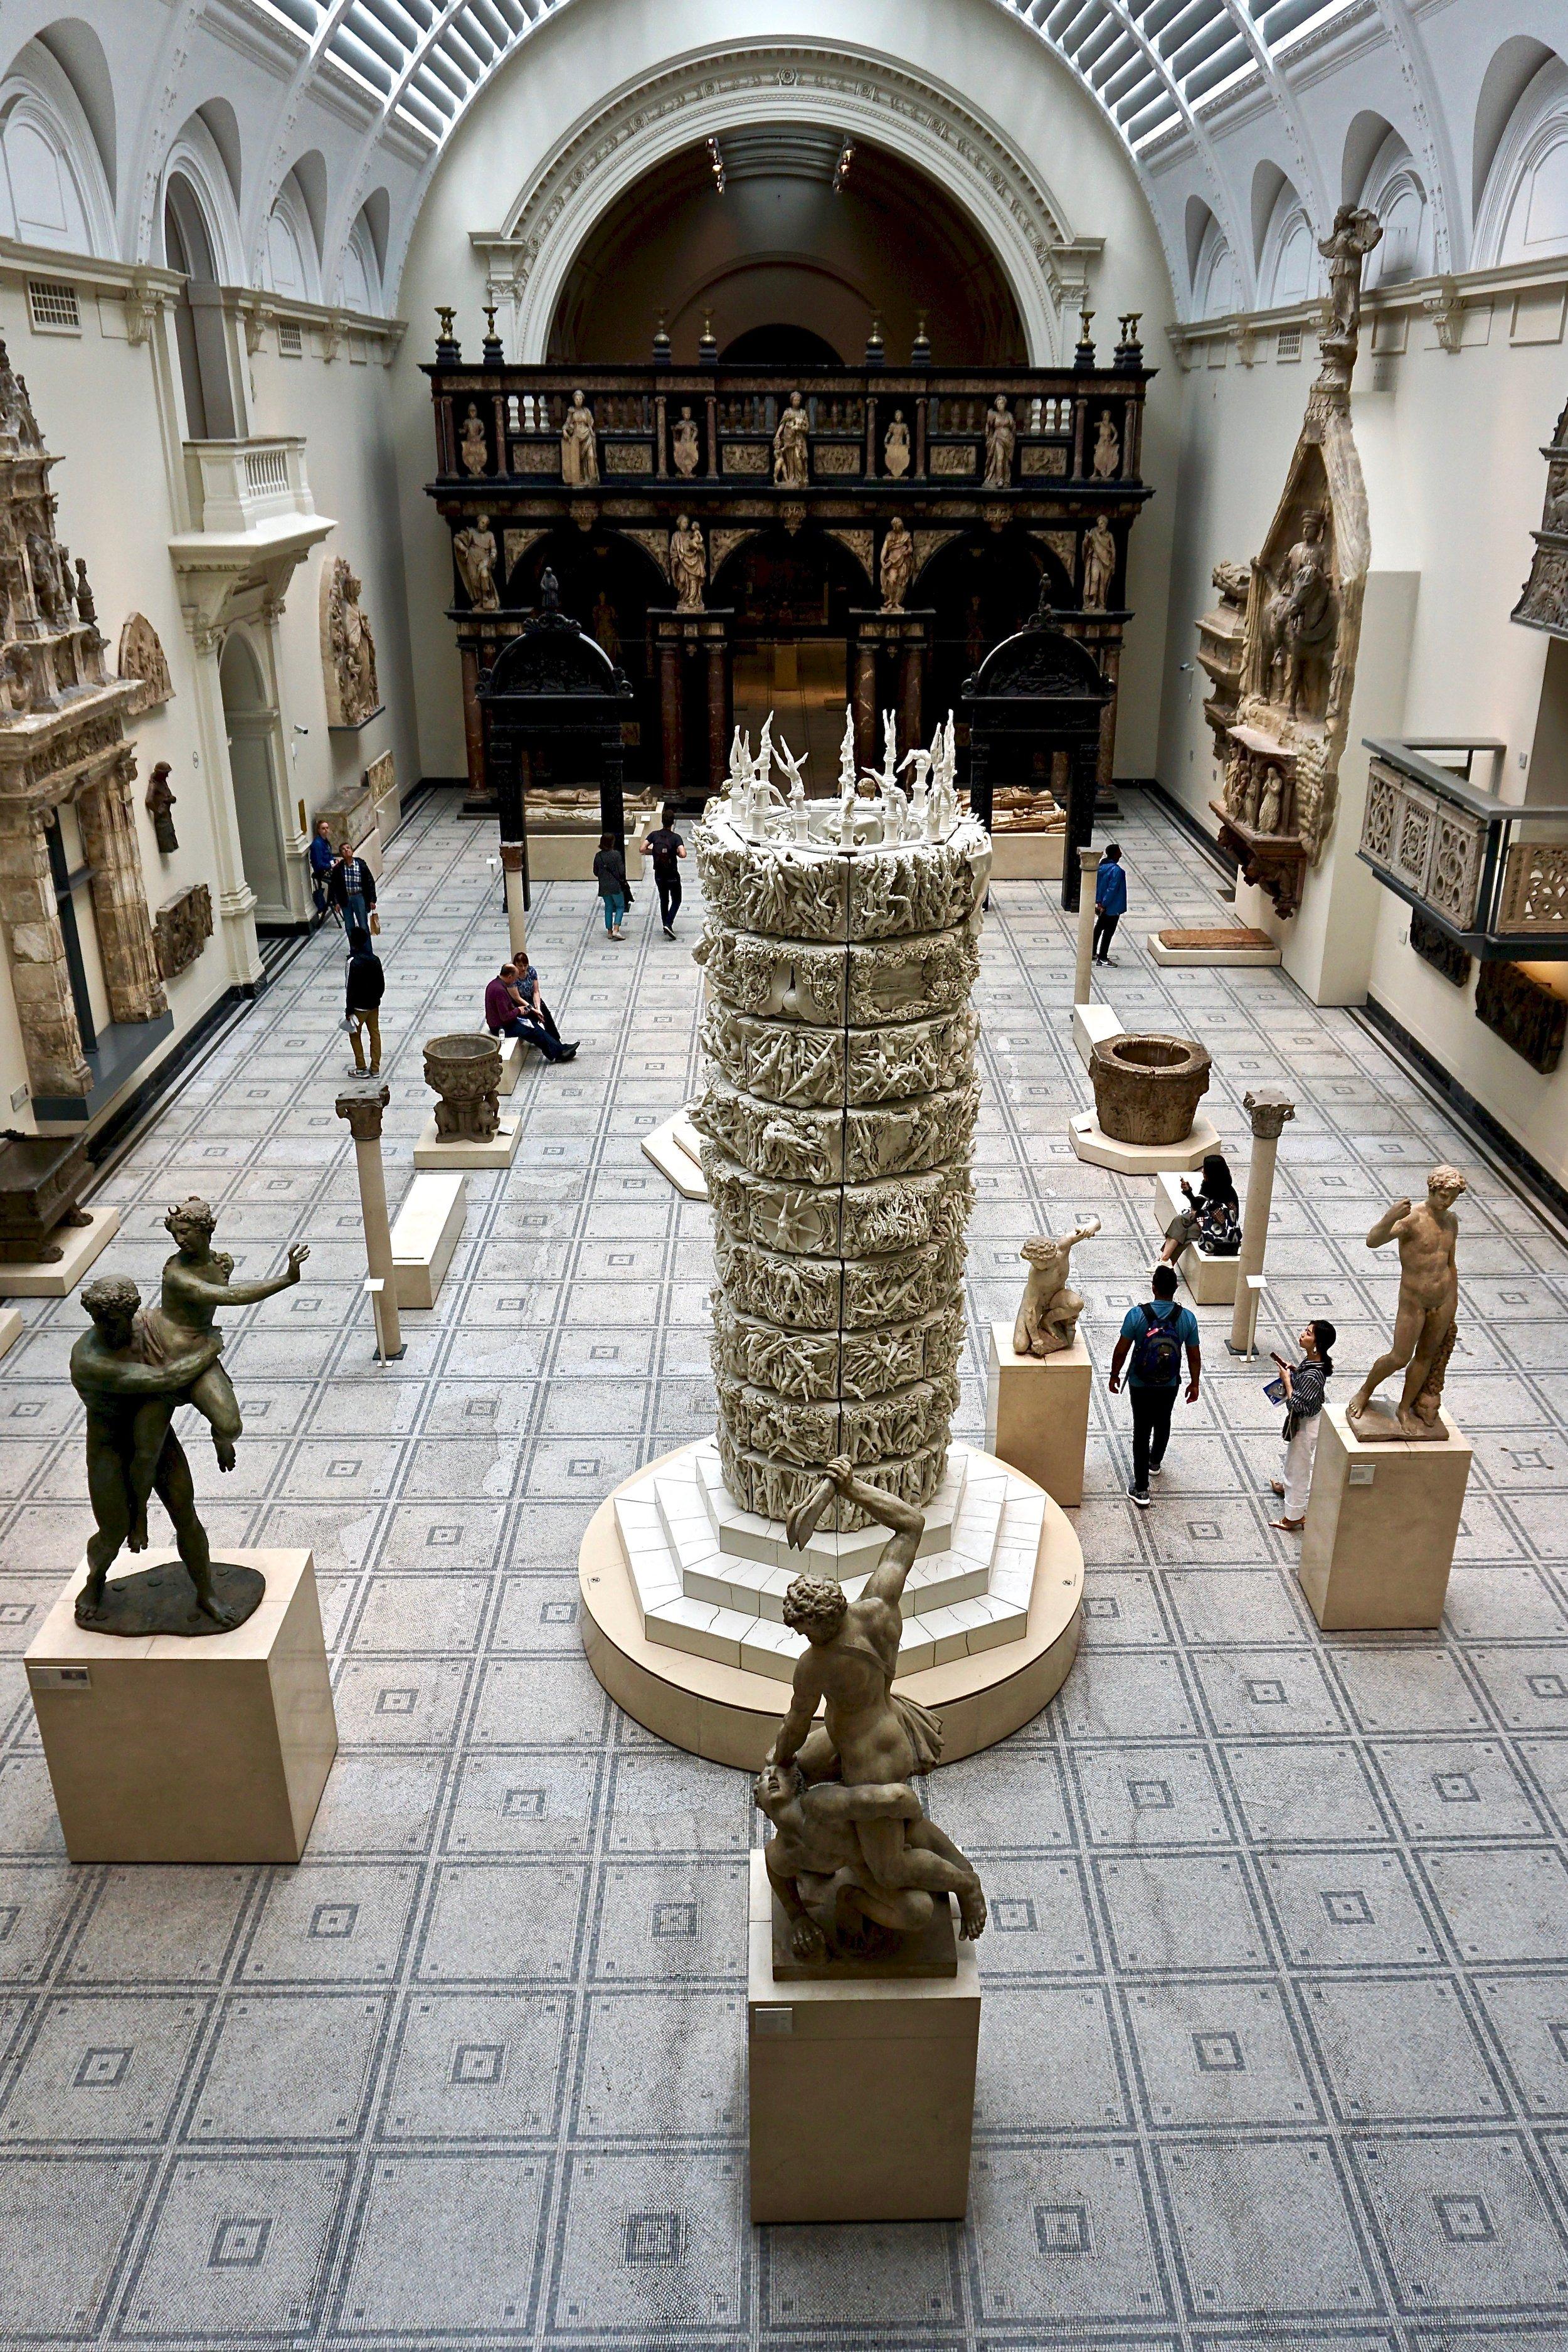 Victoria & Albert Museum interior.